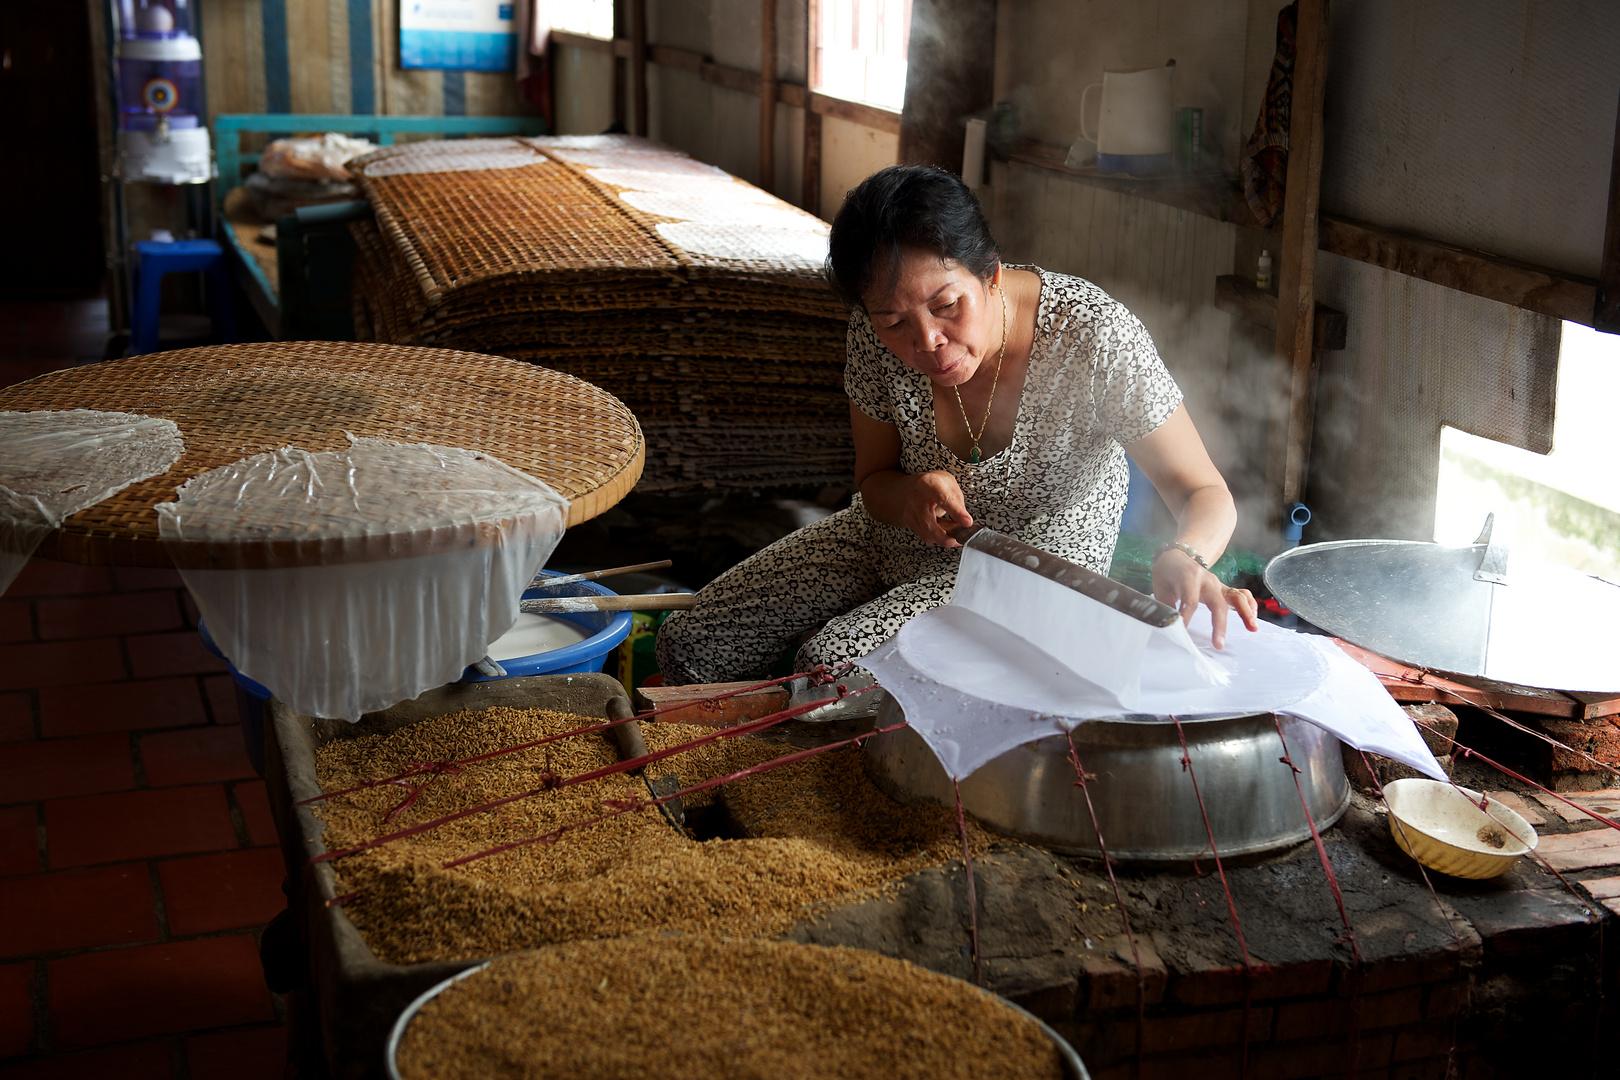 Herstellung von Reispapier in der Nähe von Saigon, Vietnam